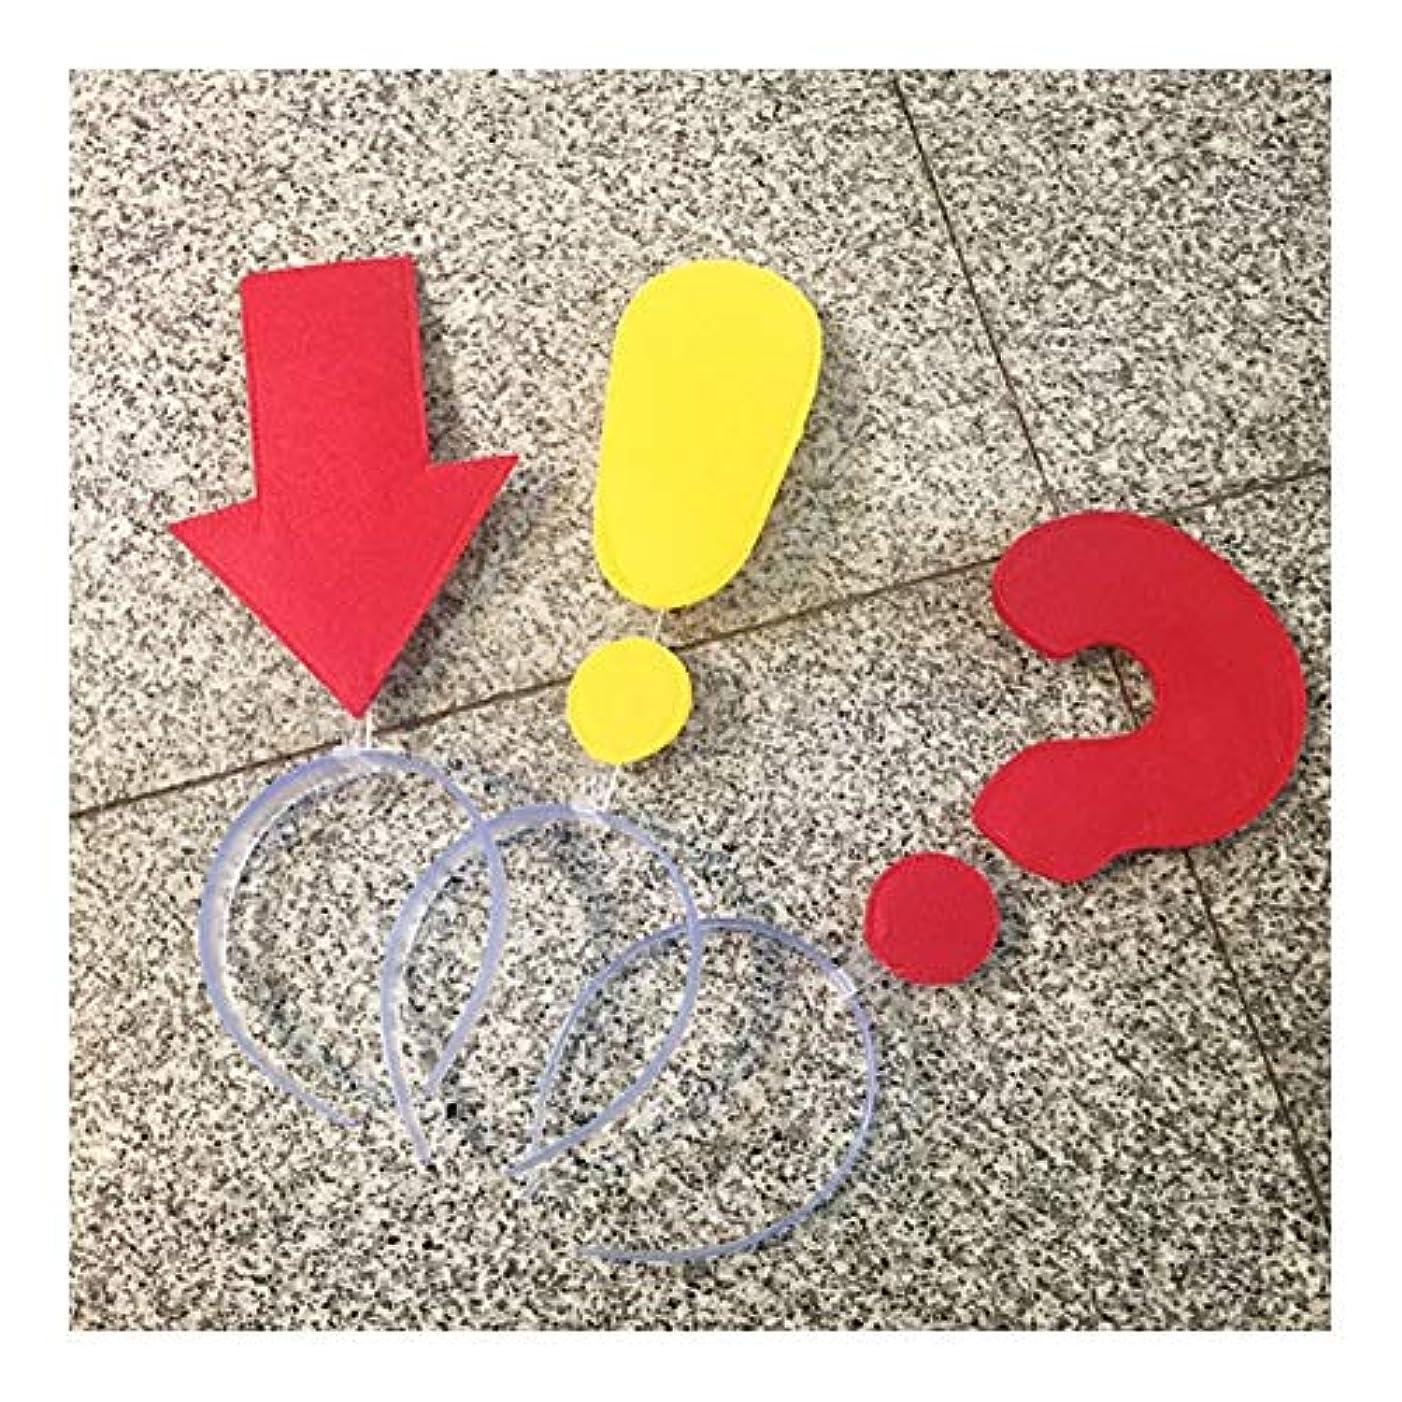 冒険者とげビーズHONGYANG ファニー販売かわいい疑問符記号カチューシャ楽しいパーティーの小道具ヘアピンパーソナリティヘッドバンドクリエイティブヘアピン男性と女性 (Color : Red, スタイル : Exclamation mark)